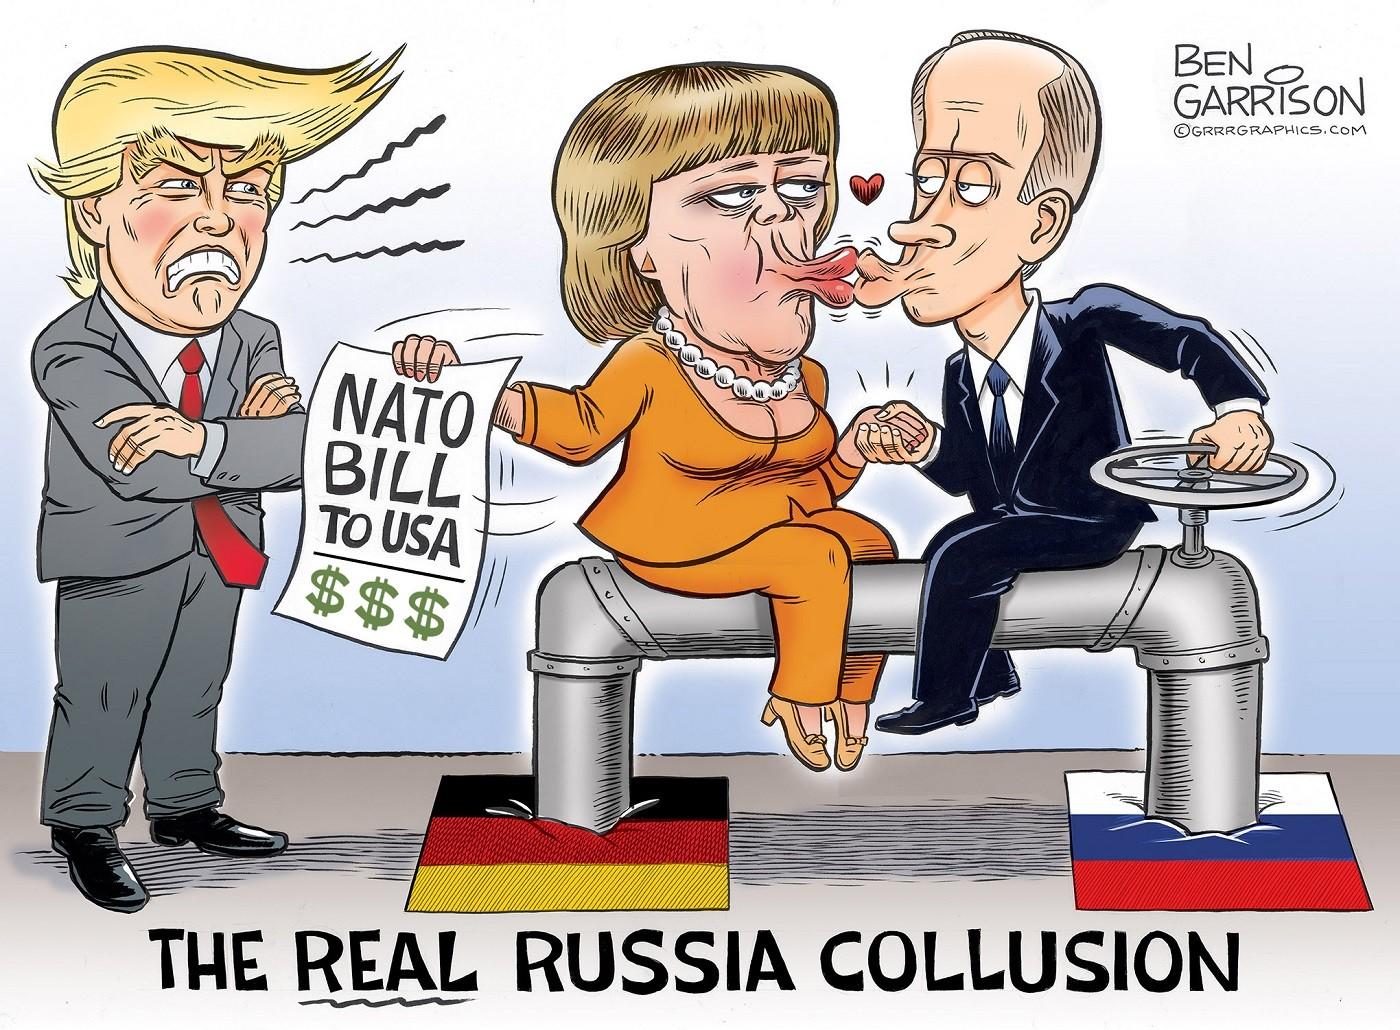 Merkel Flips Off Biden's Protest -- to Buy Putin's Gas